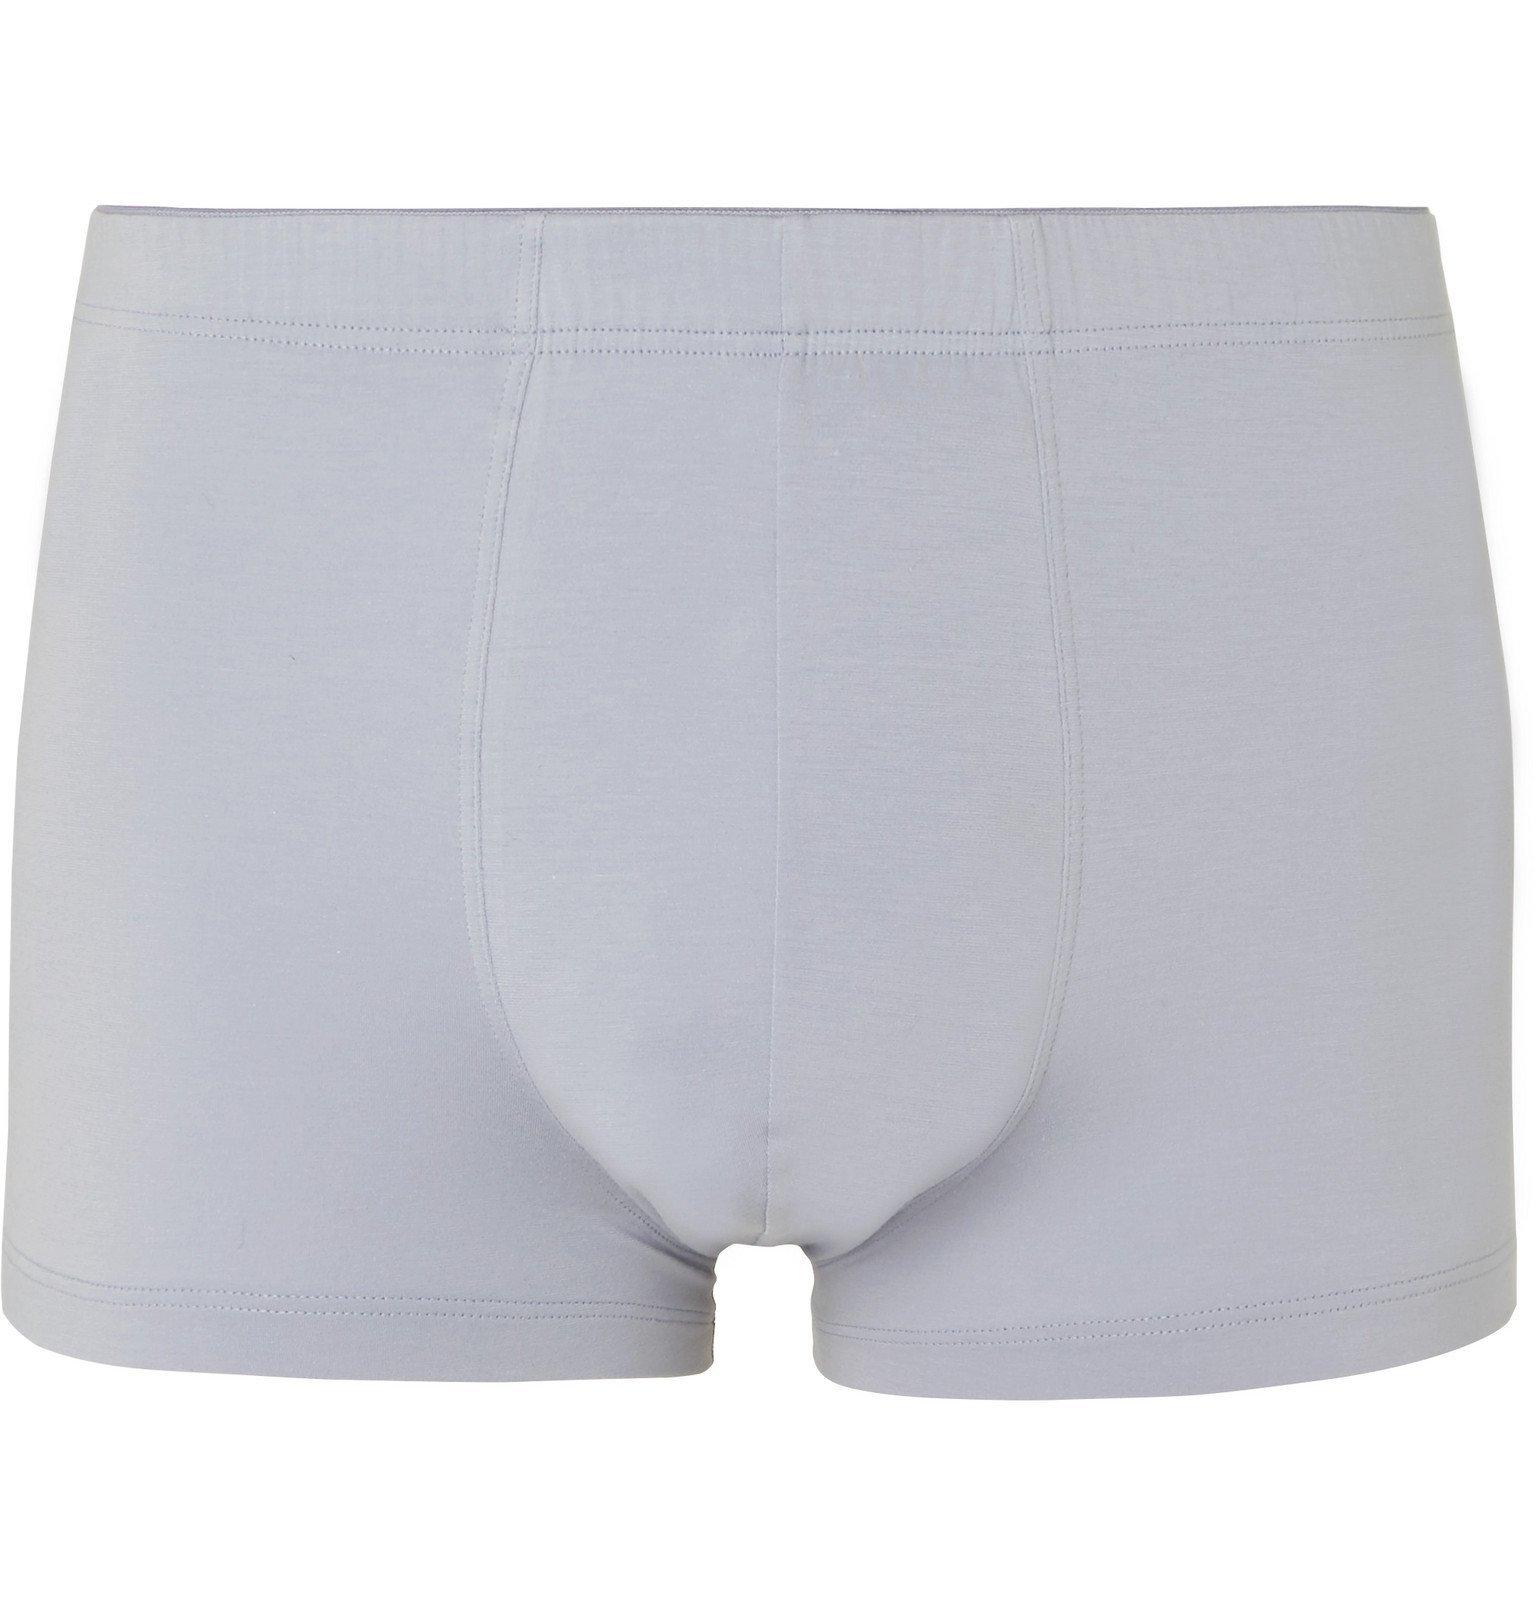 Hanro - Stretch-Cotton Boxer Briefs - Blue